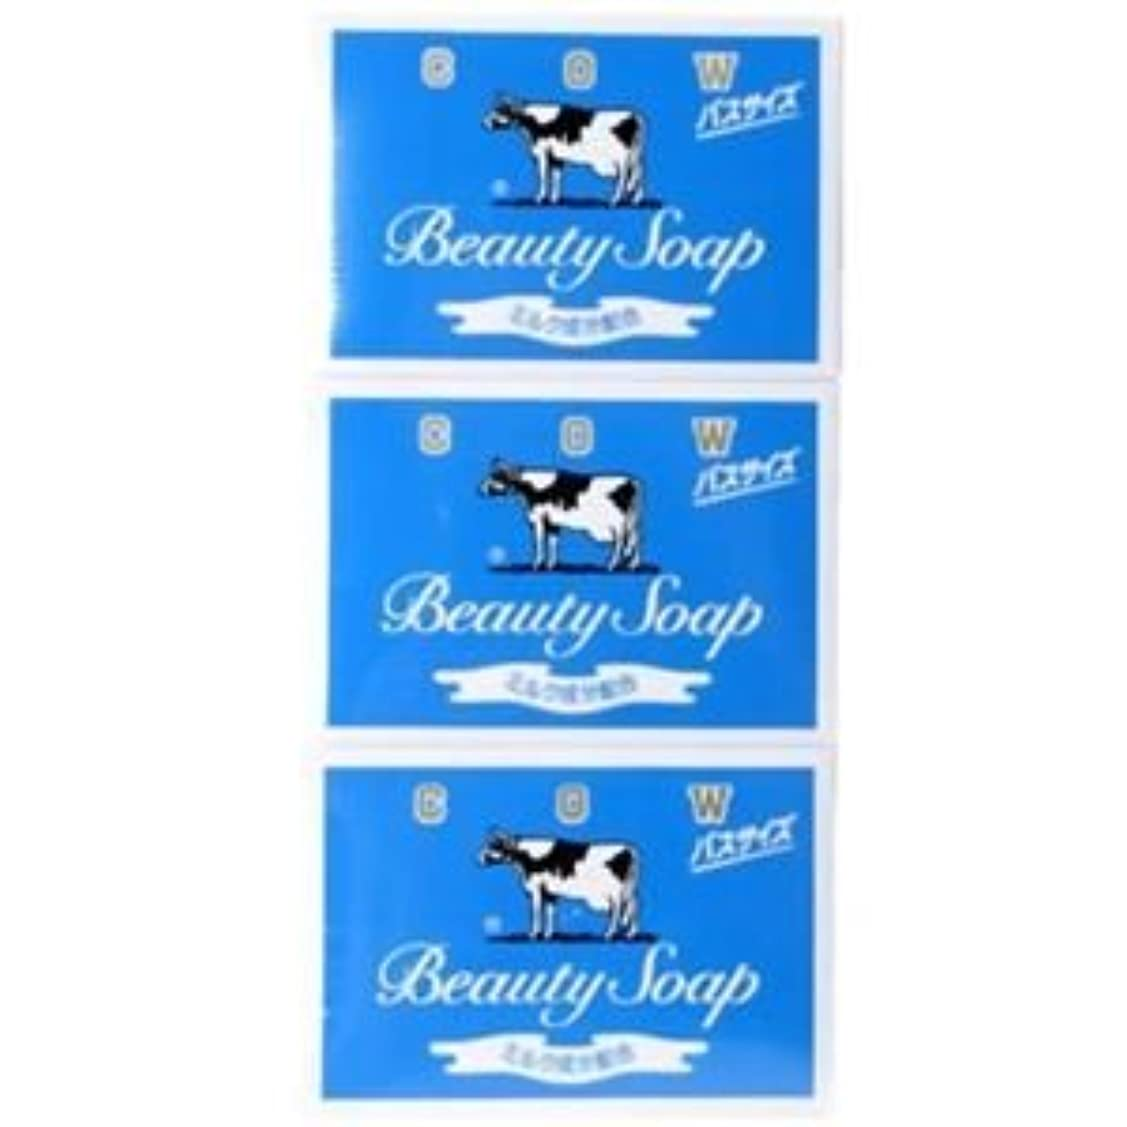 カウブランド 牛乳石鹸 青箱 バスサイズ 135g×3個入 10セット